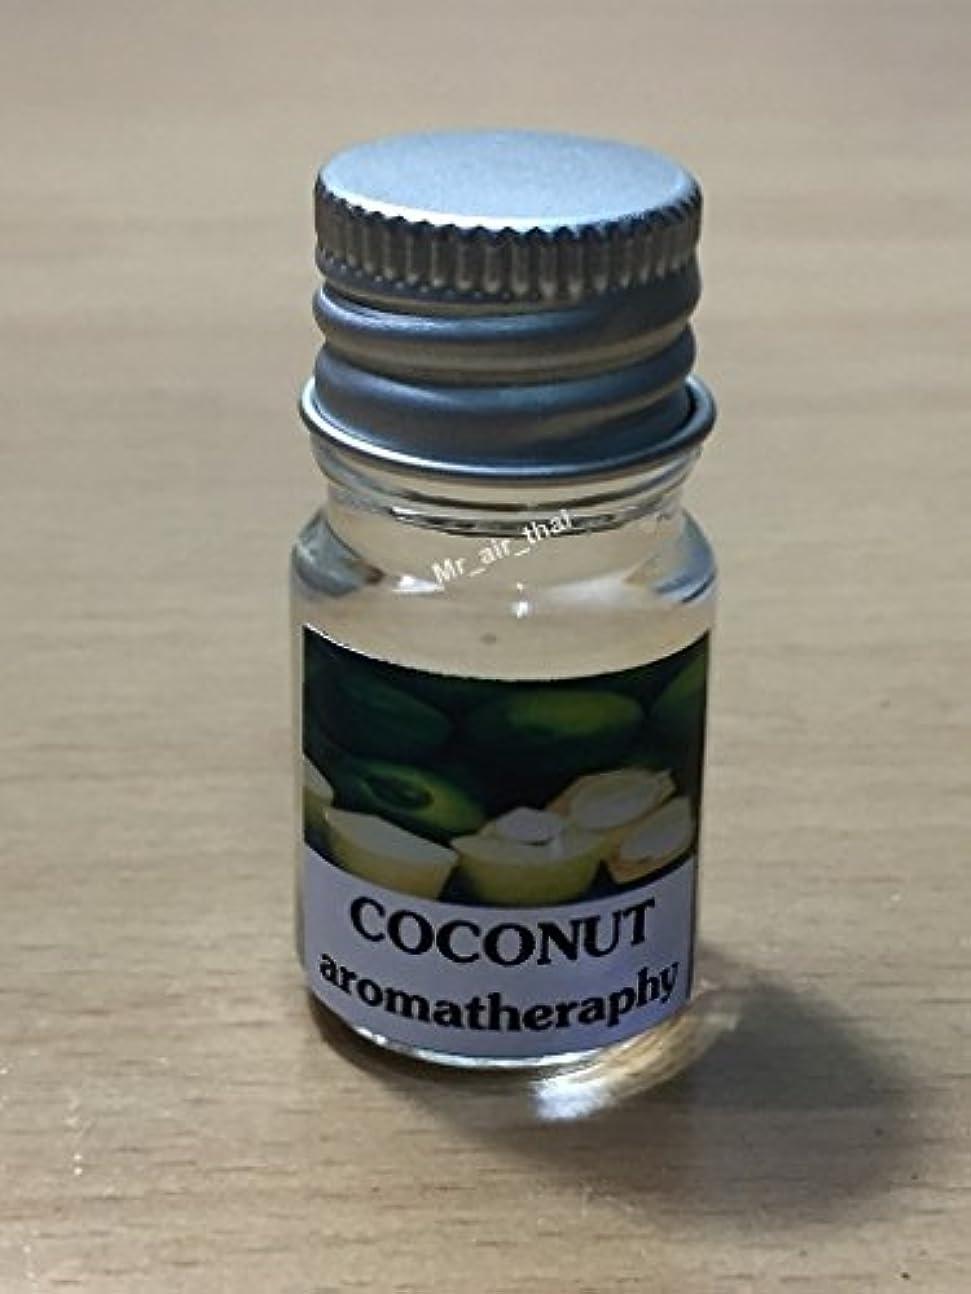 影爆発エクスタシー5ミリリットルアロマココナッツフランクインセンスエッセンシャルオイルボトルアロマテラピーオイル自然自然5ml Aroma Coconut Frankincense Essential Oil Bottles Aromatherapy...